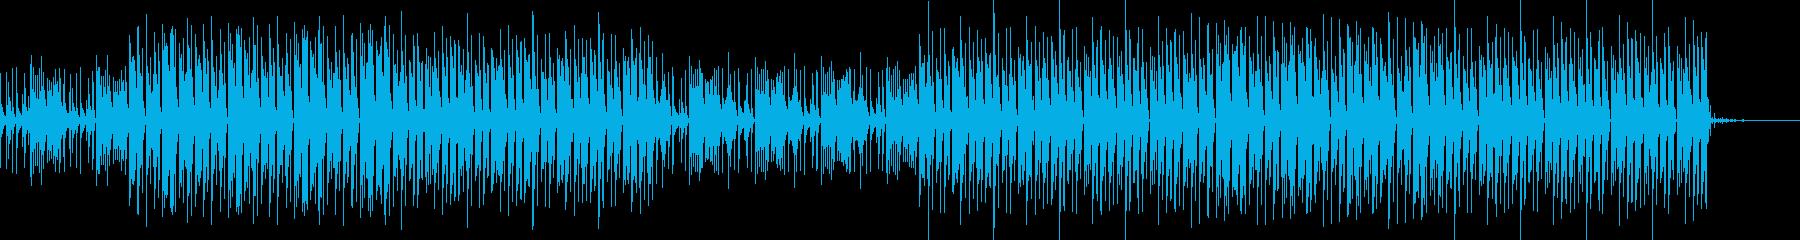 おしゃれ・カントリー・EDM・空気感の再生済みの波形